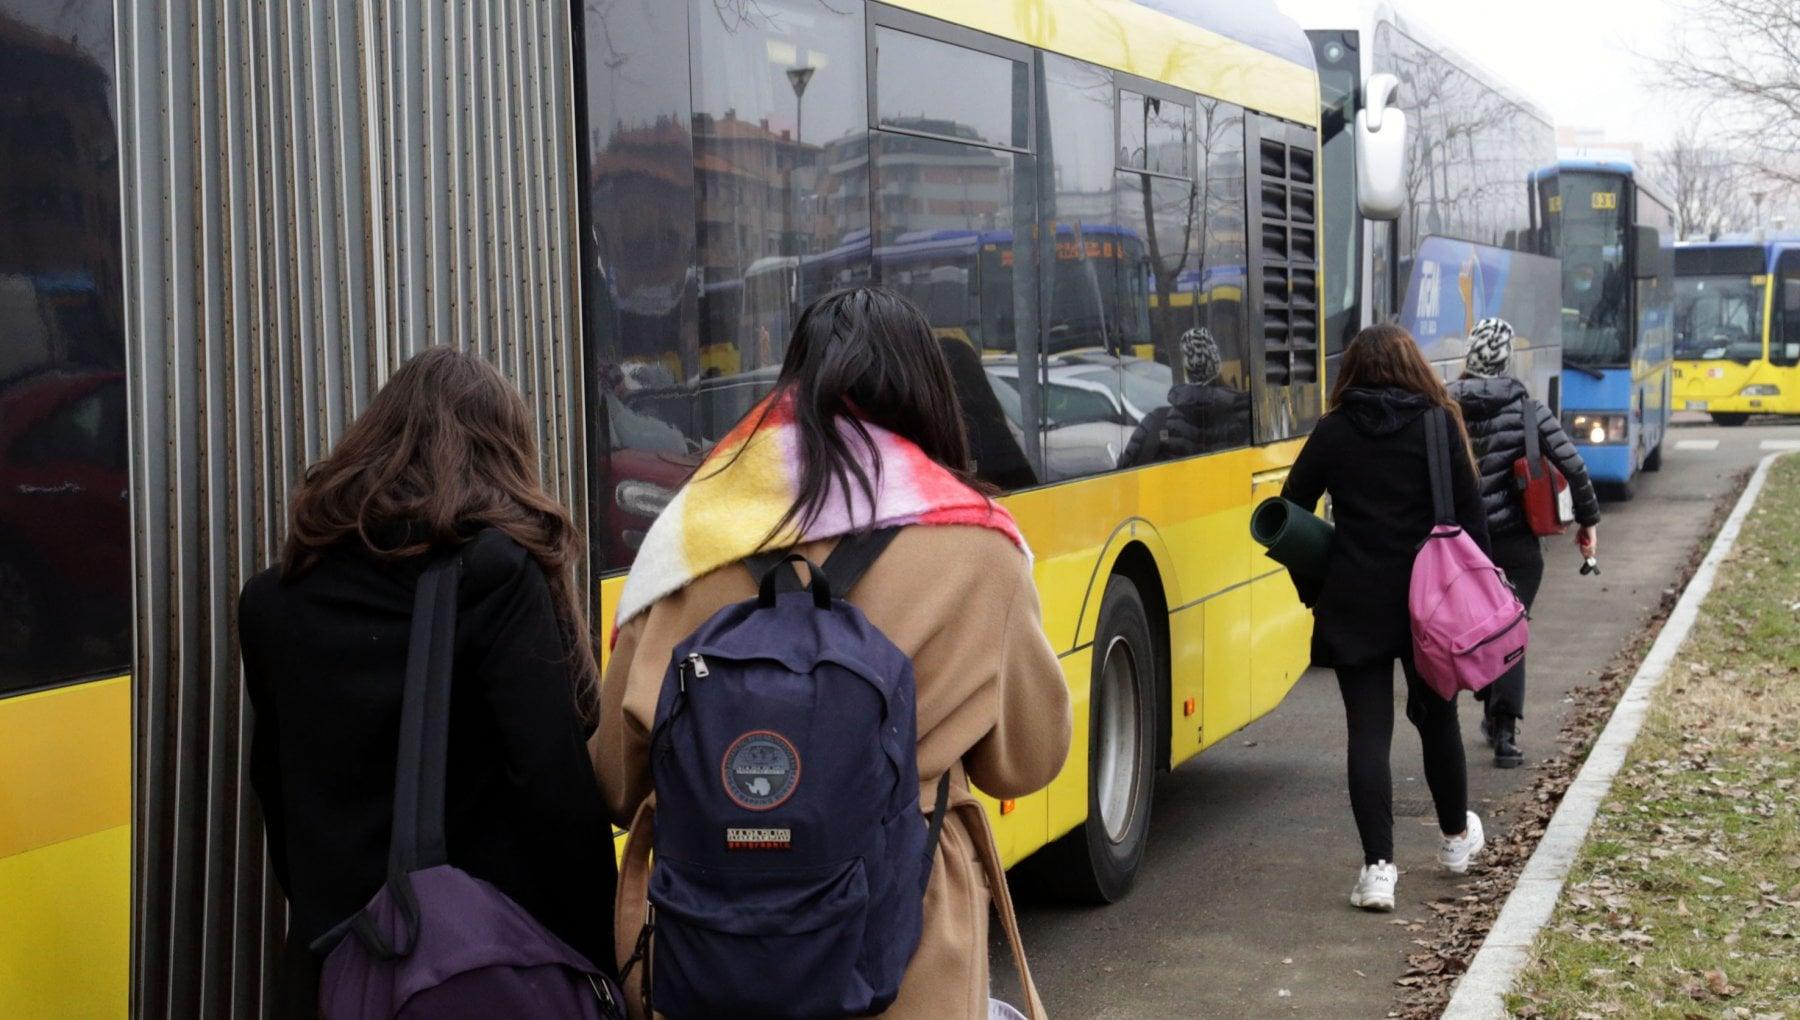 In Puglia riapertura delle scuole superiori verso lo slittamento al primo  febbraio ma senza opzione dad, la richiesta dei sindacati - la Repubblica